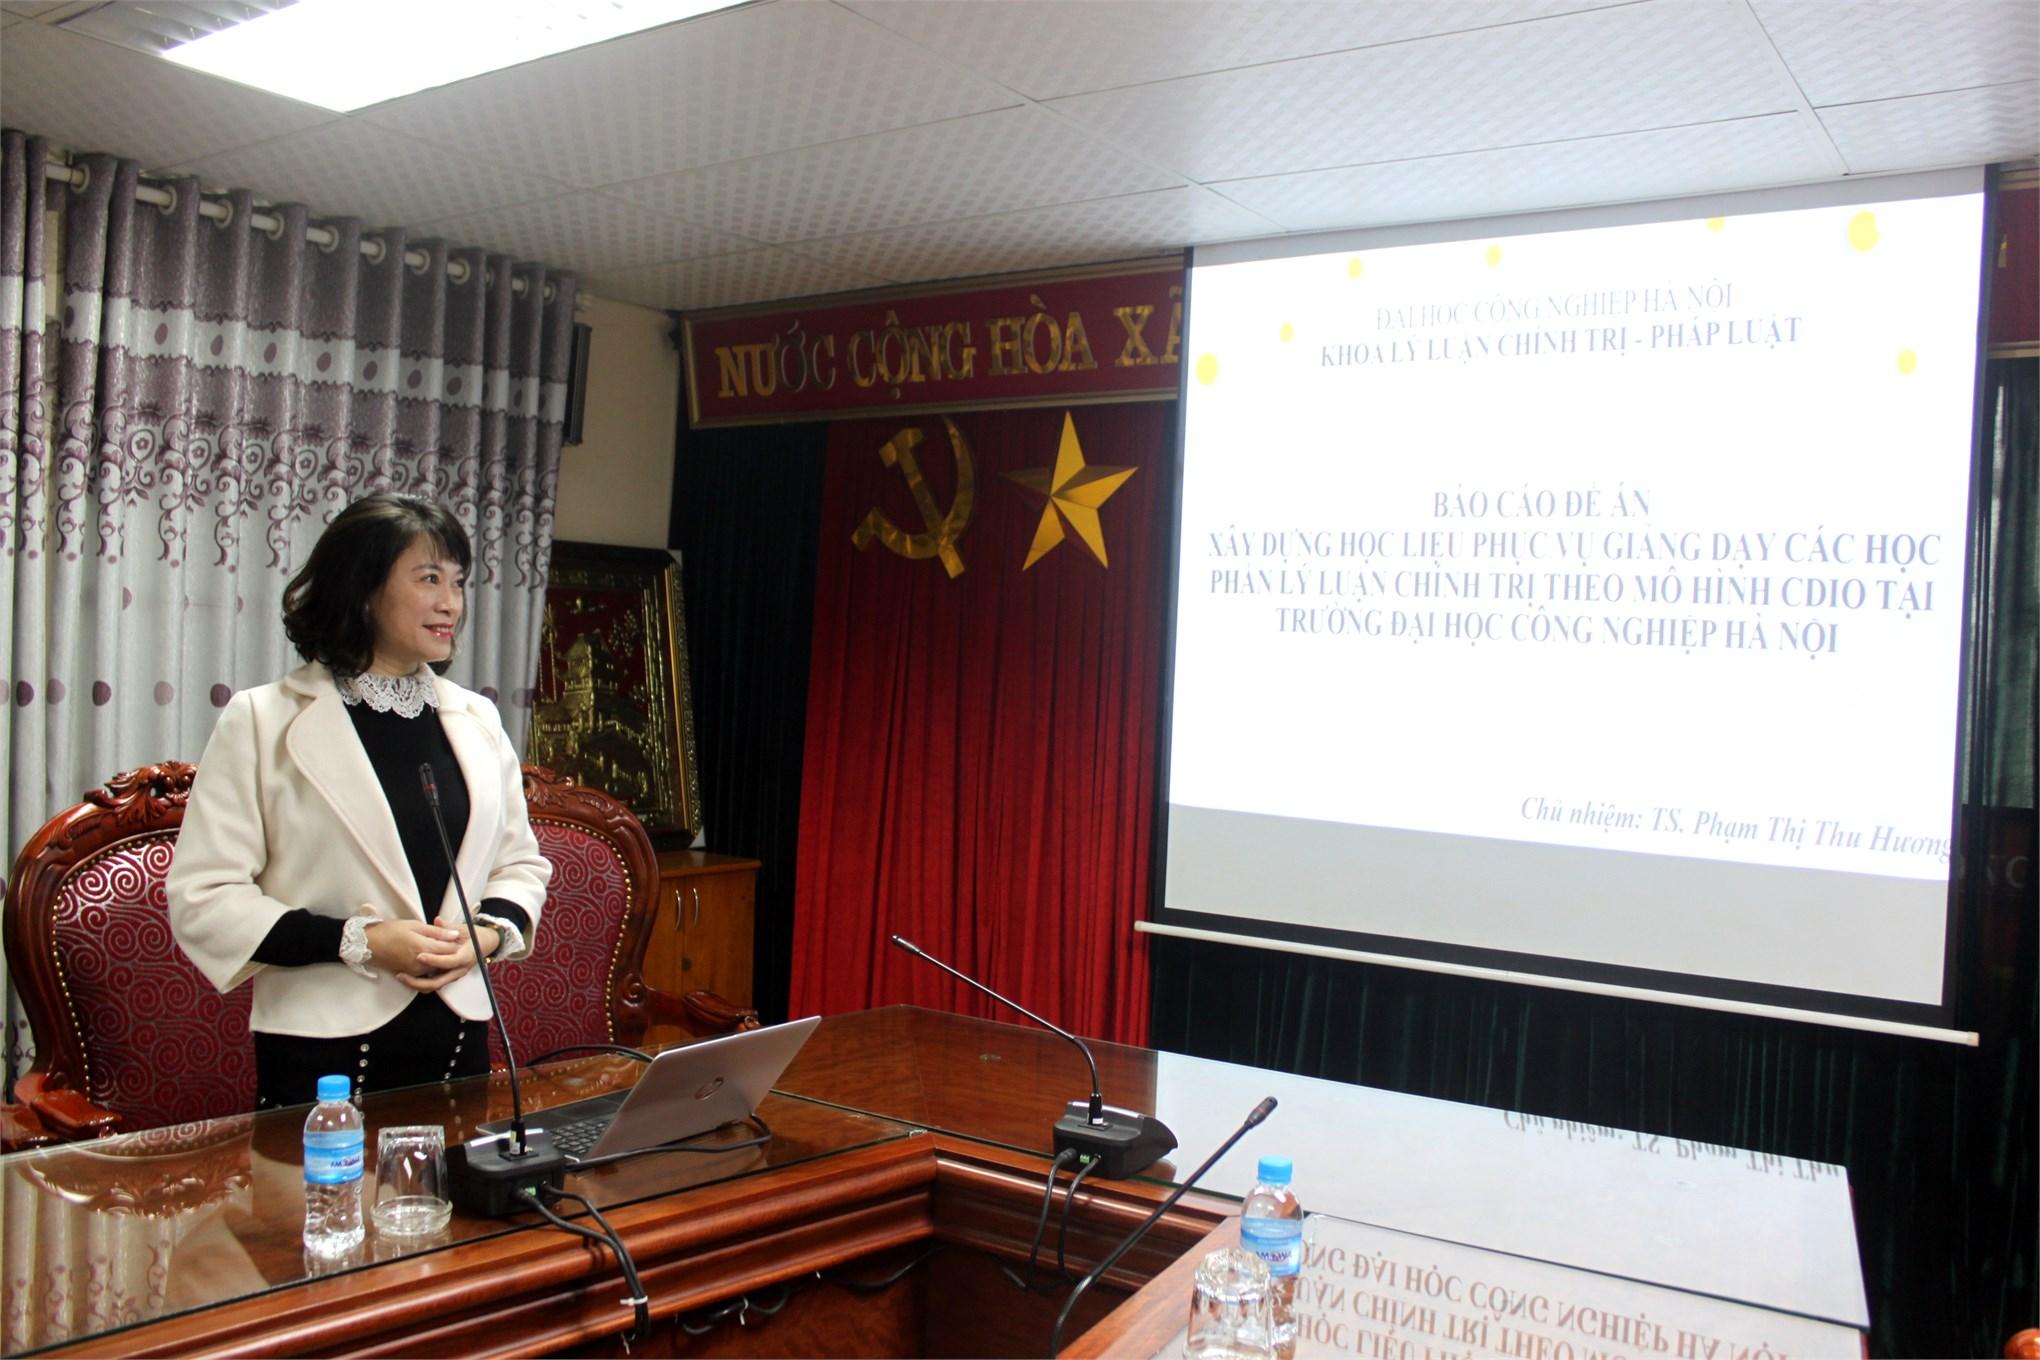 """Nghiệm thu đề án KHCN cấp trường: """"Xây dựng học liệu phục vụ giảng dạy các học phần Lý luận chính trị theo mô hình CDIO tại Trường Đại học Công nghiệp Hà Nội"""""""